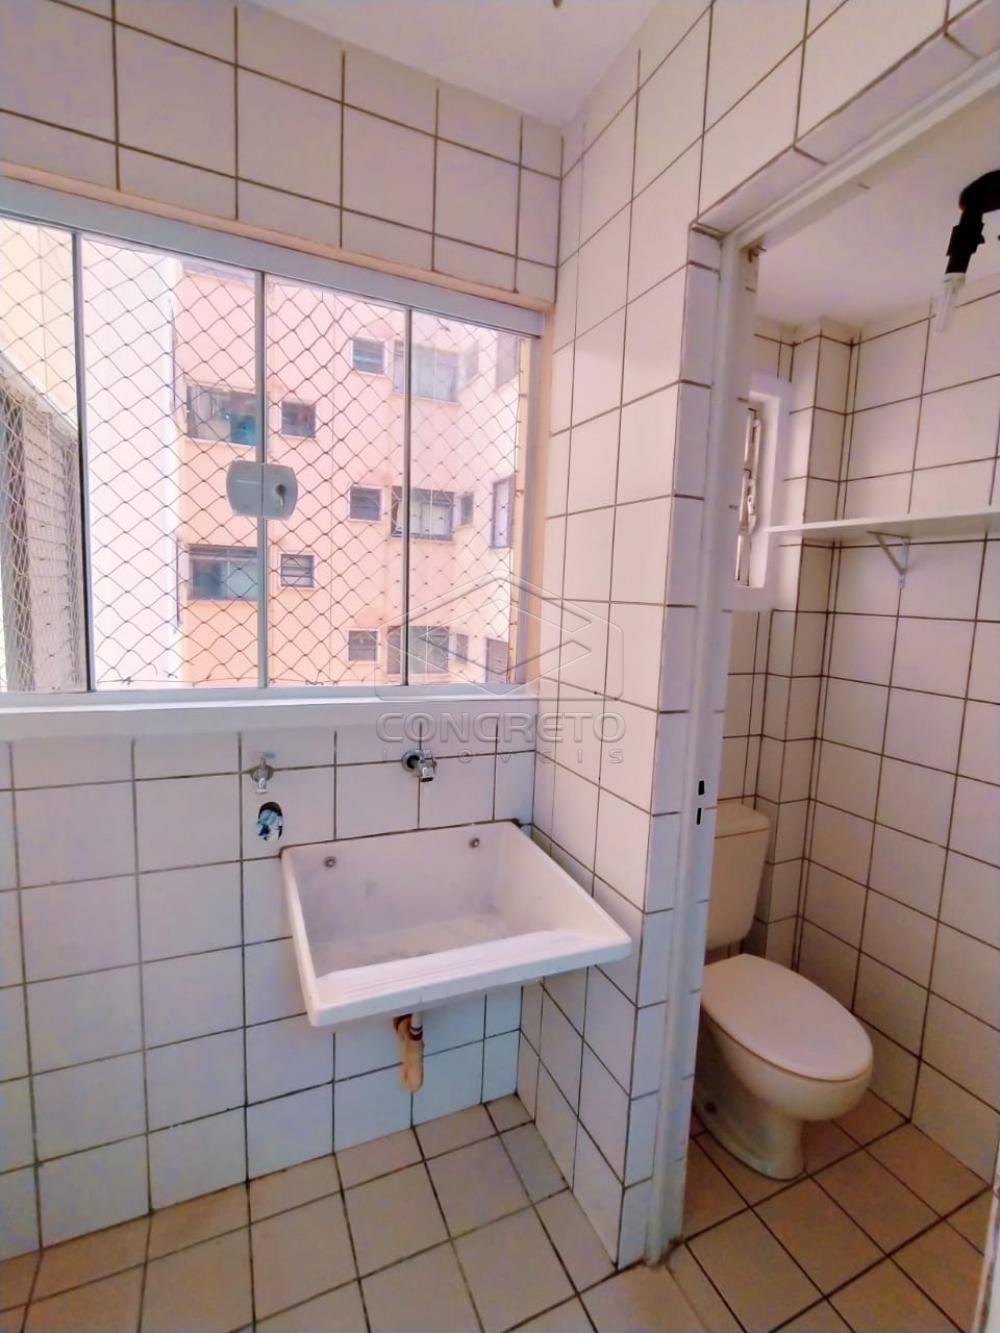 Alugar Apartamento / Padrão em Bauru R$ 650,00 - Foto 1